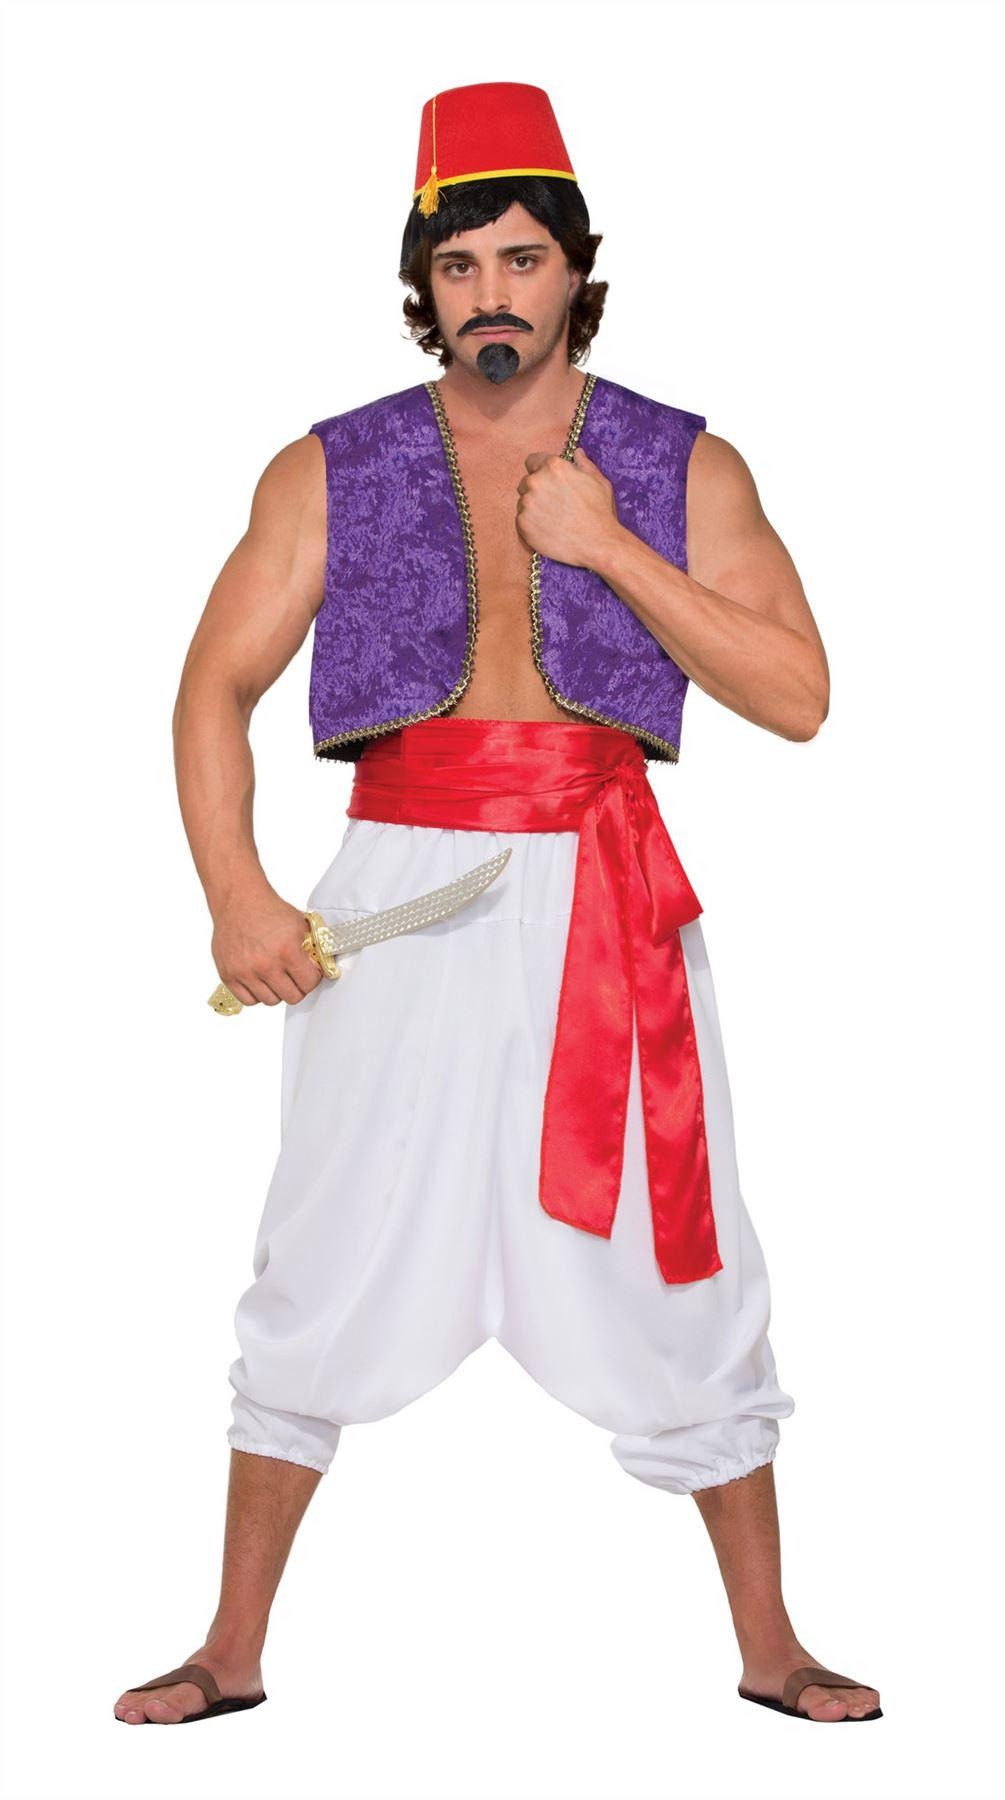 ef8c422af Detalles de Adulto Hombres GENIO Chaleco Aladdin Bollywood Accesorio para  disfraz